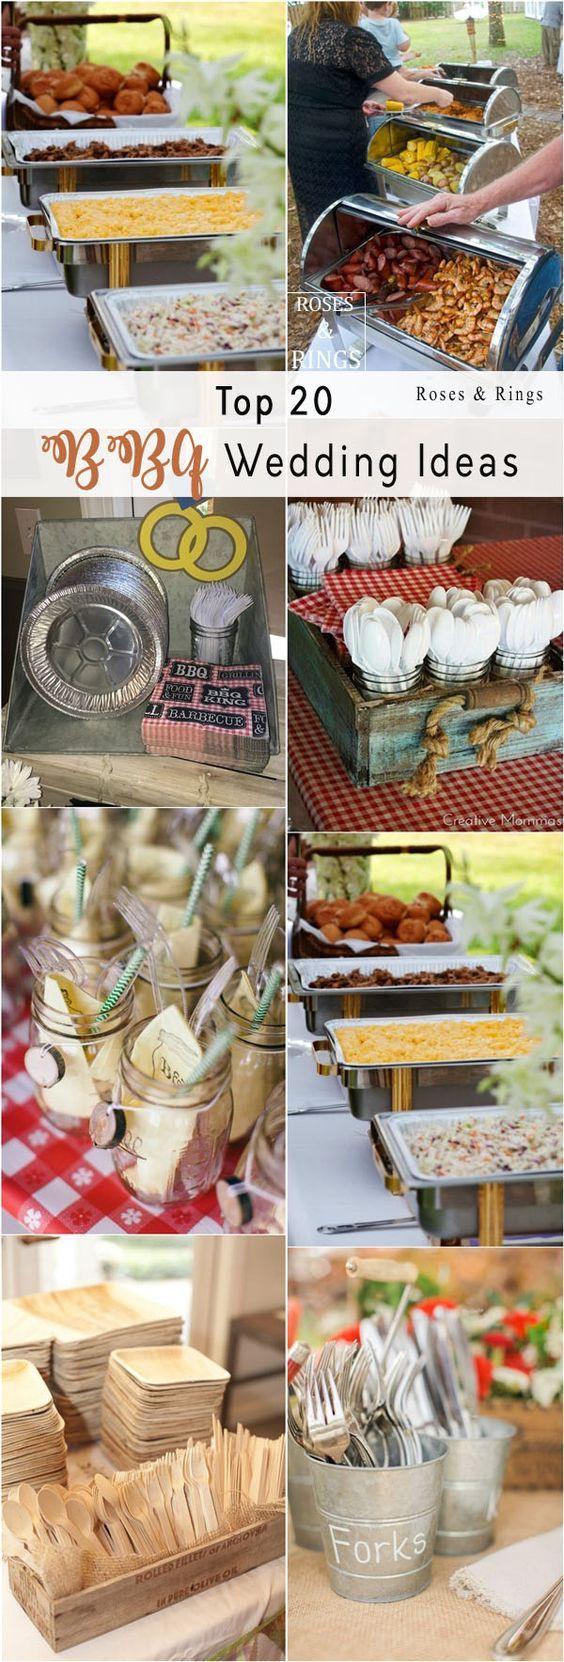 Hinterhof Ich mache BBQ Hochzeitsideen #Hochzeiten #Landhochzeiten #Hochzeitsideen #Grill   – Linds&Mert